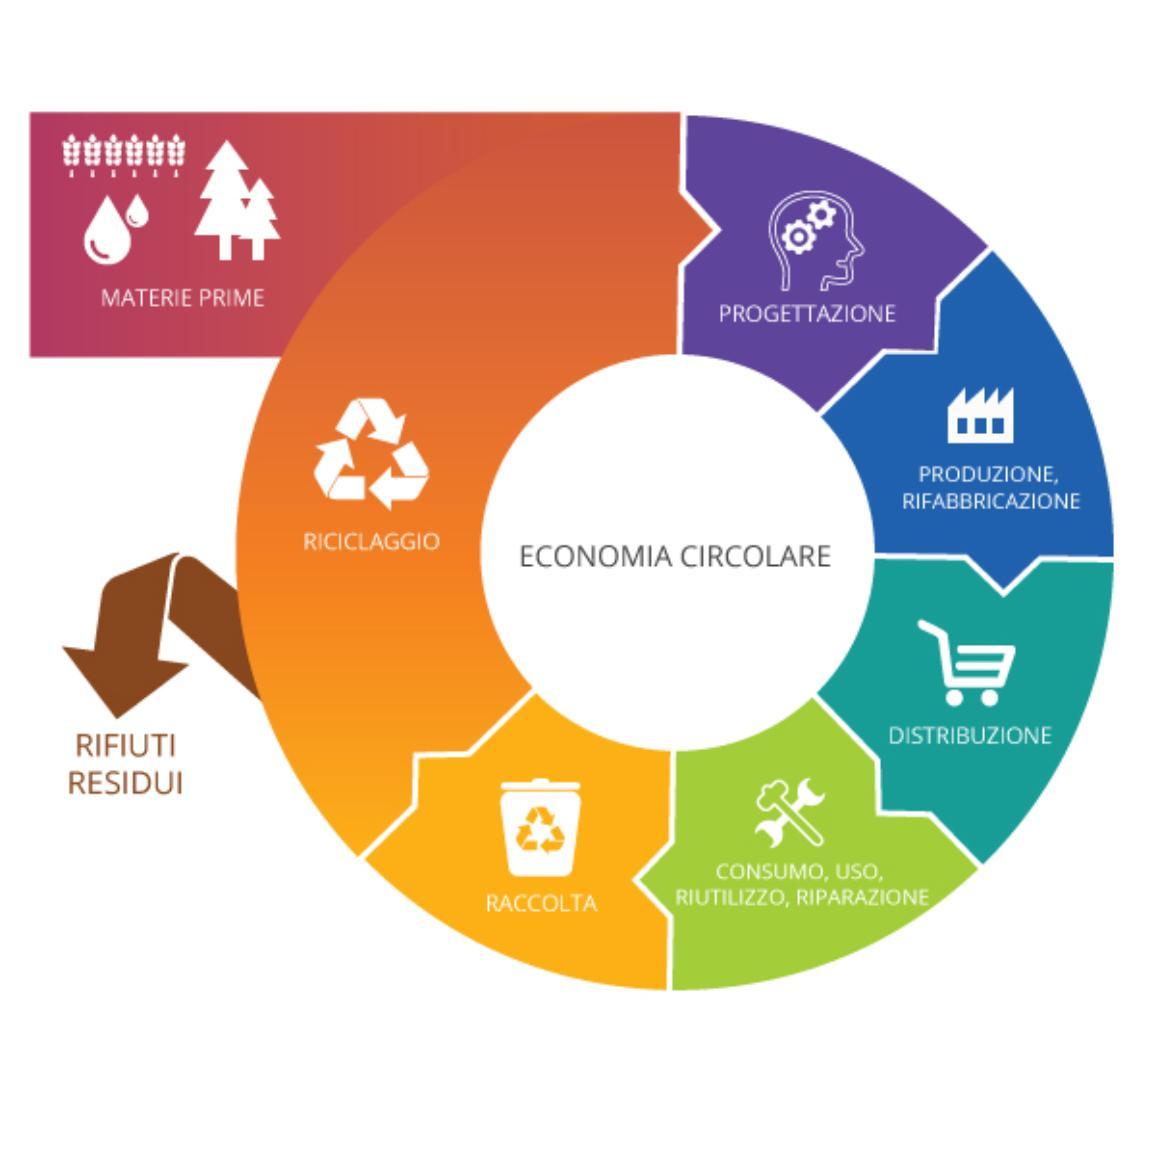 Economia circolare: definizione, importanza e vantaggi | Attualità ...